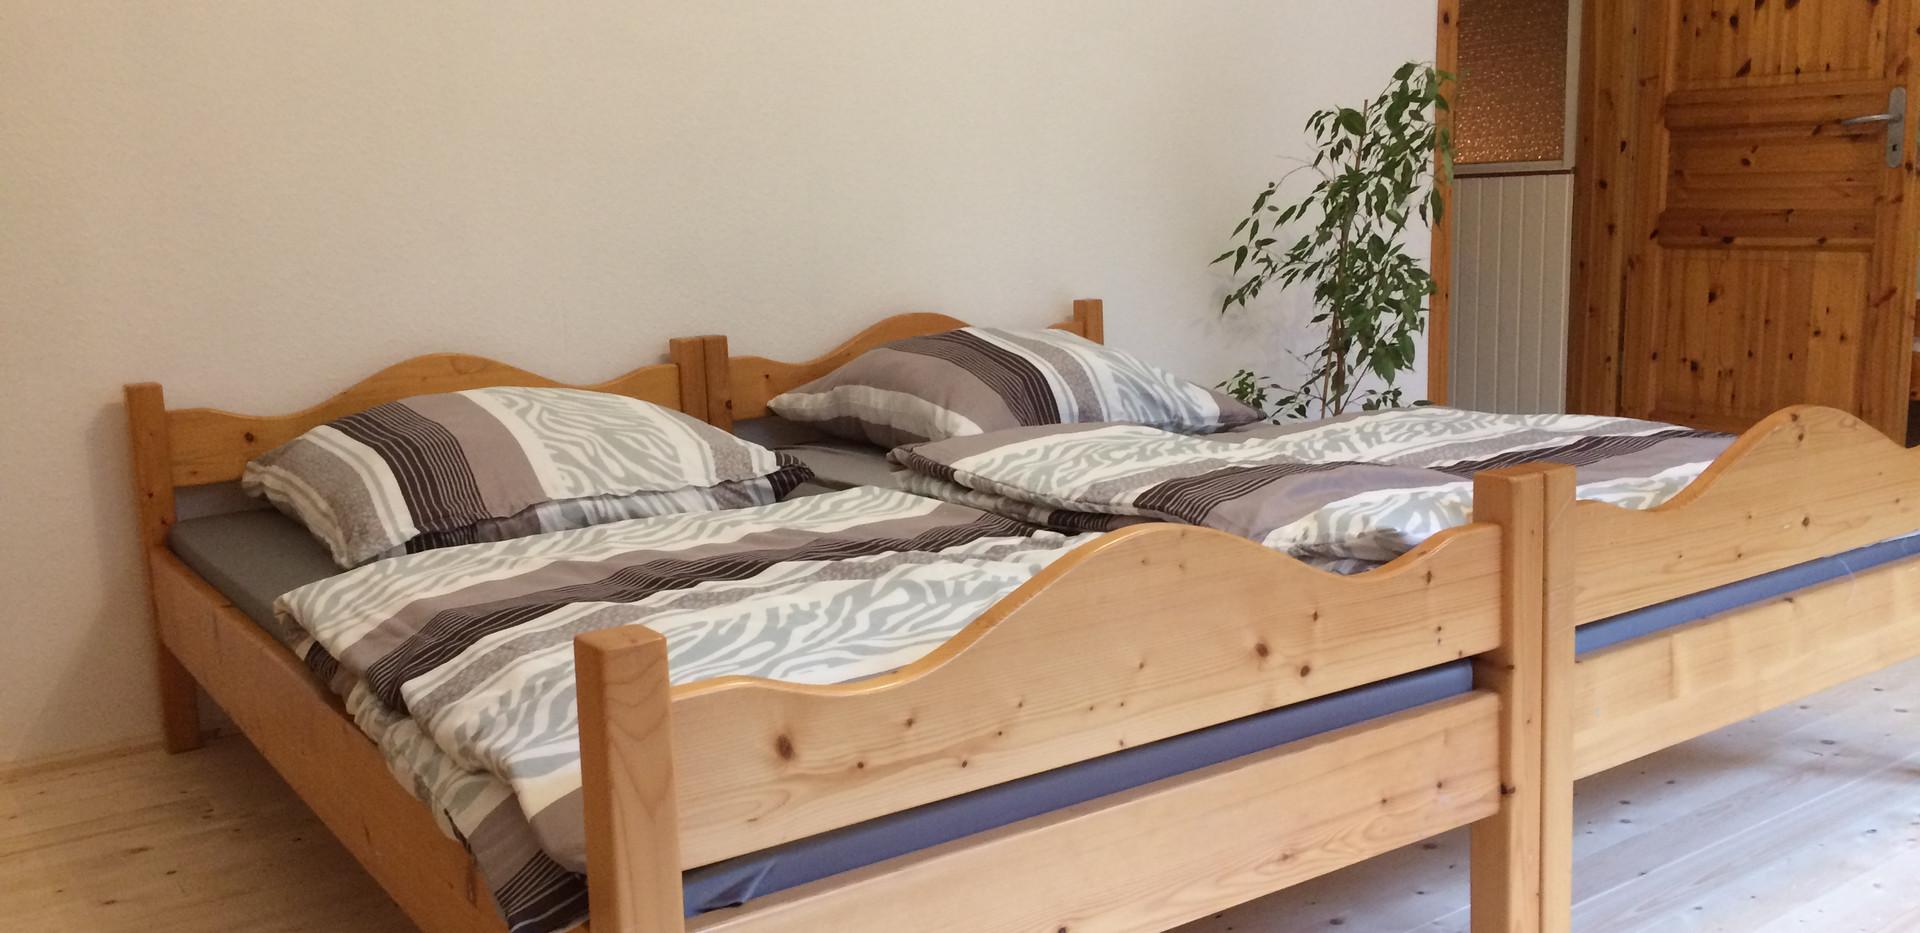 Betten einzeln oder zusammengestellt nutzbar